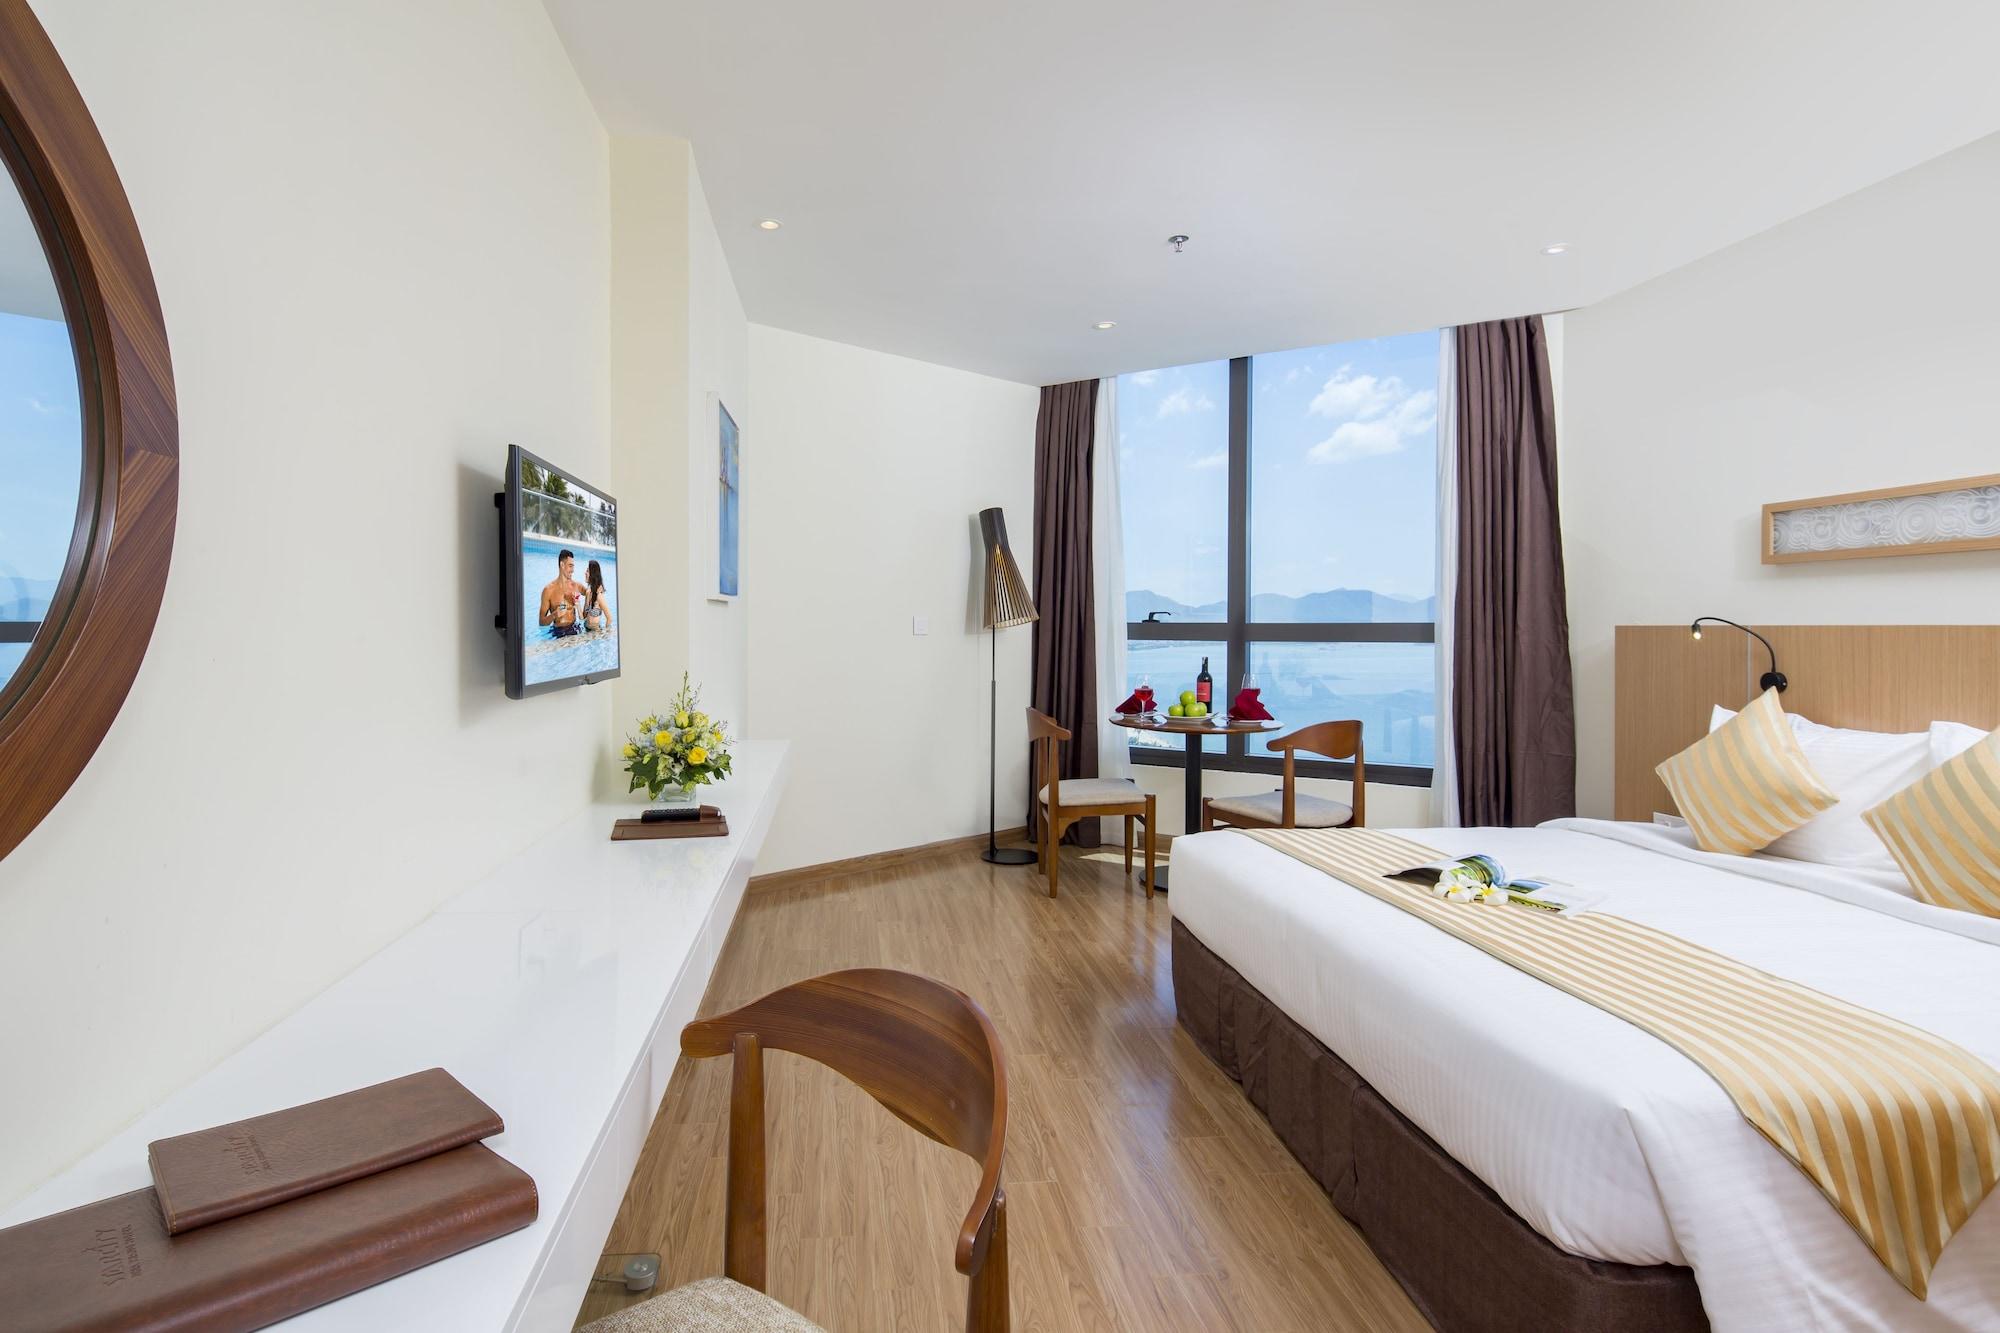 Premier Coastal Nha Trang Apartments, Nha Trang